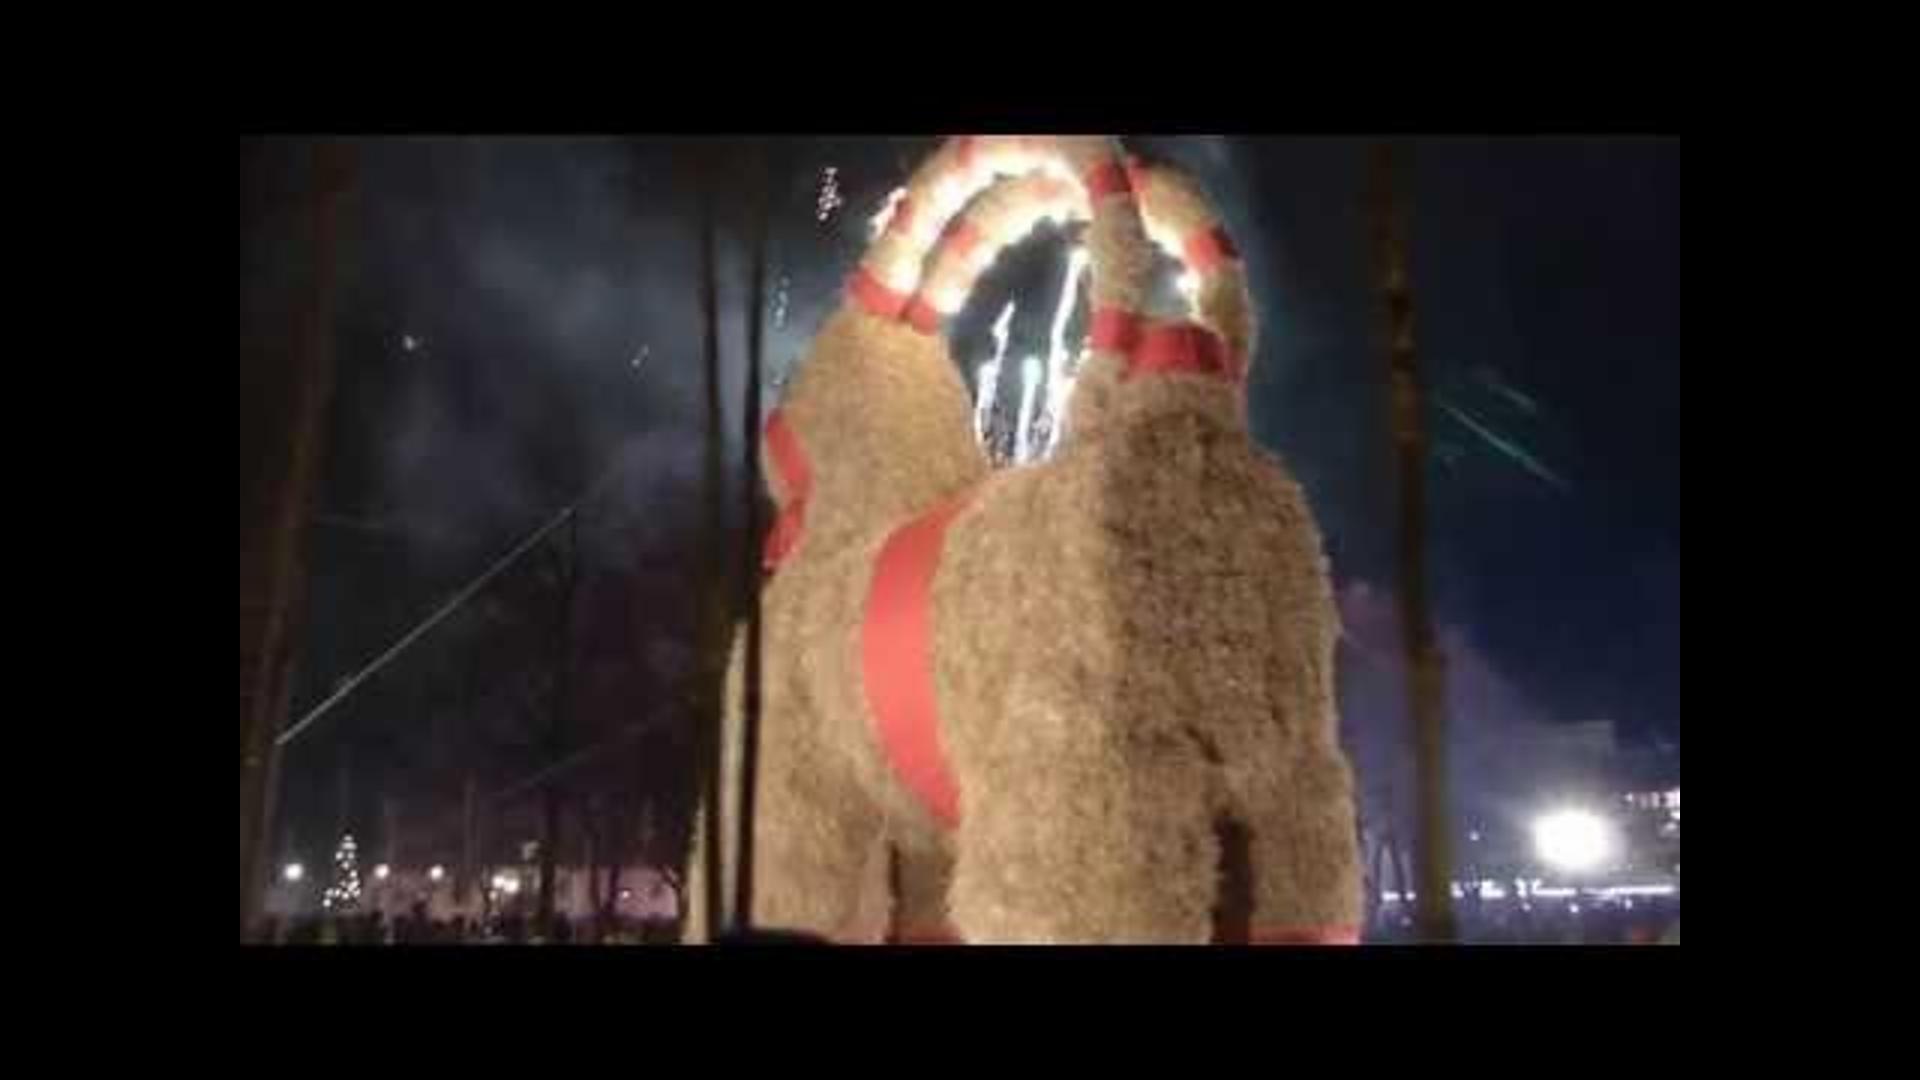 Some Jerk Burned Down Sweden's Giant Christmas Goat... Again